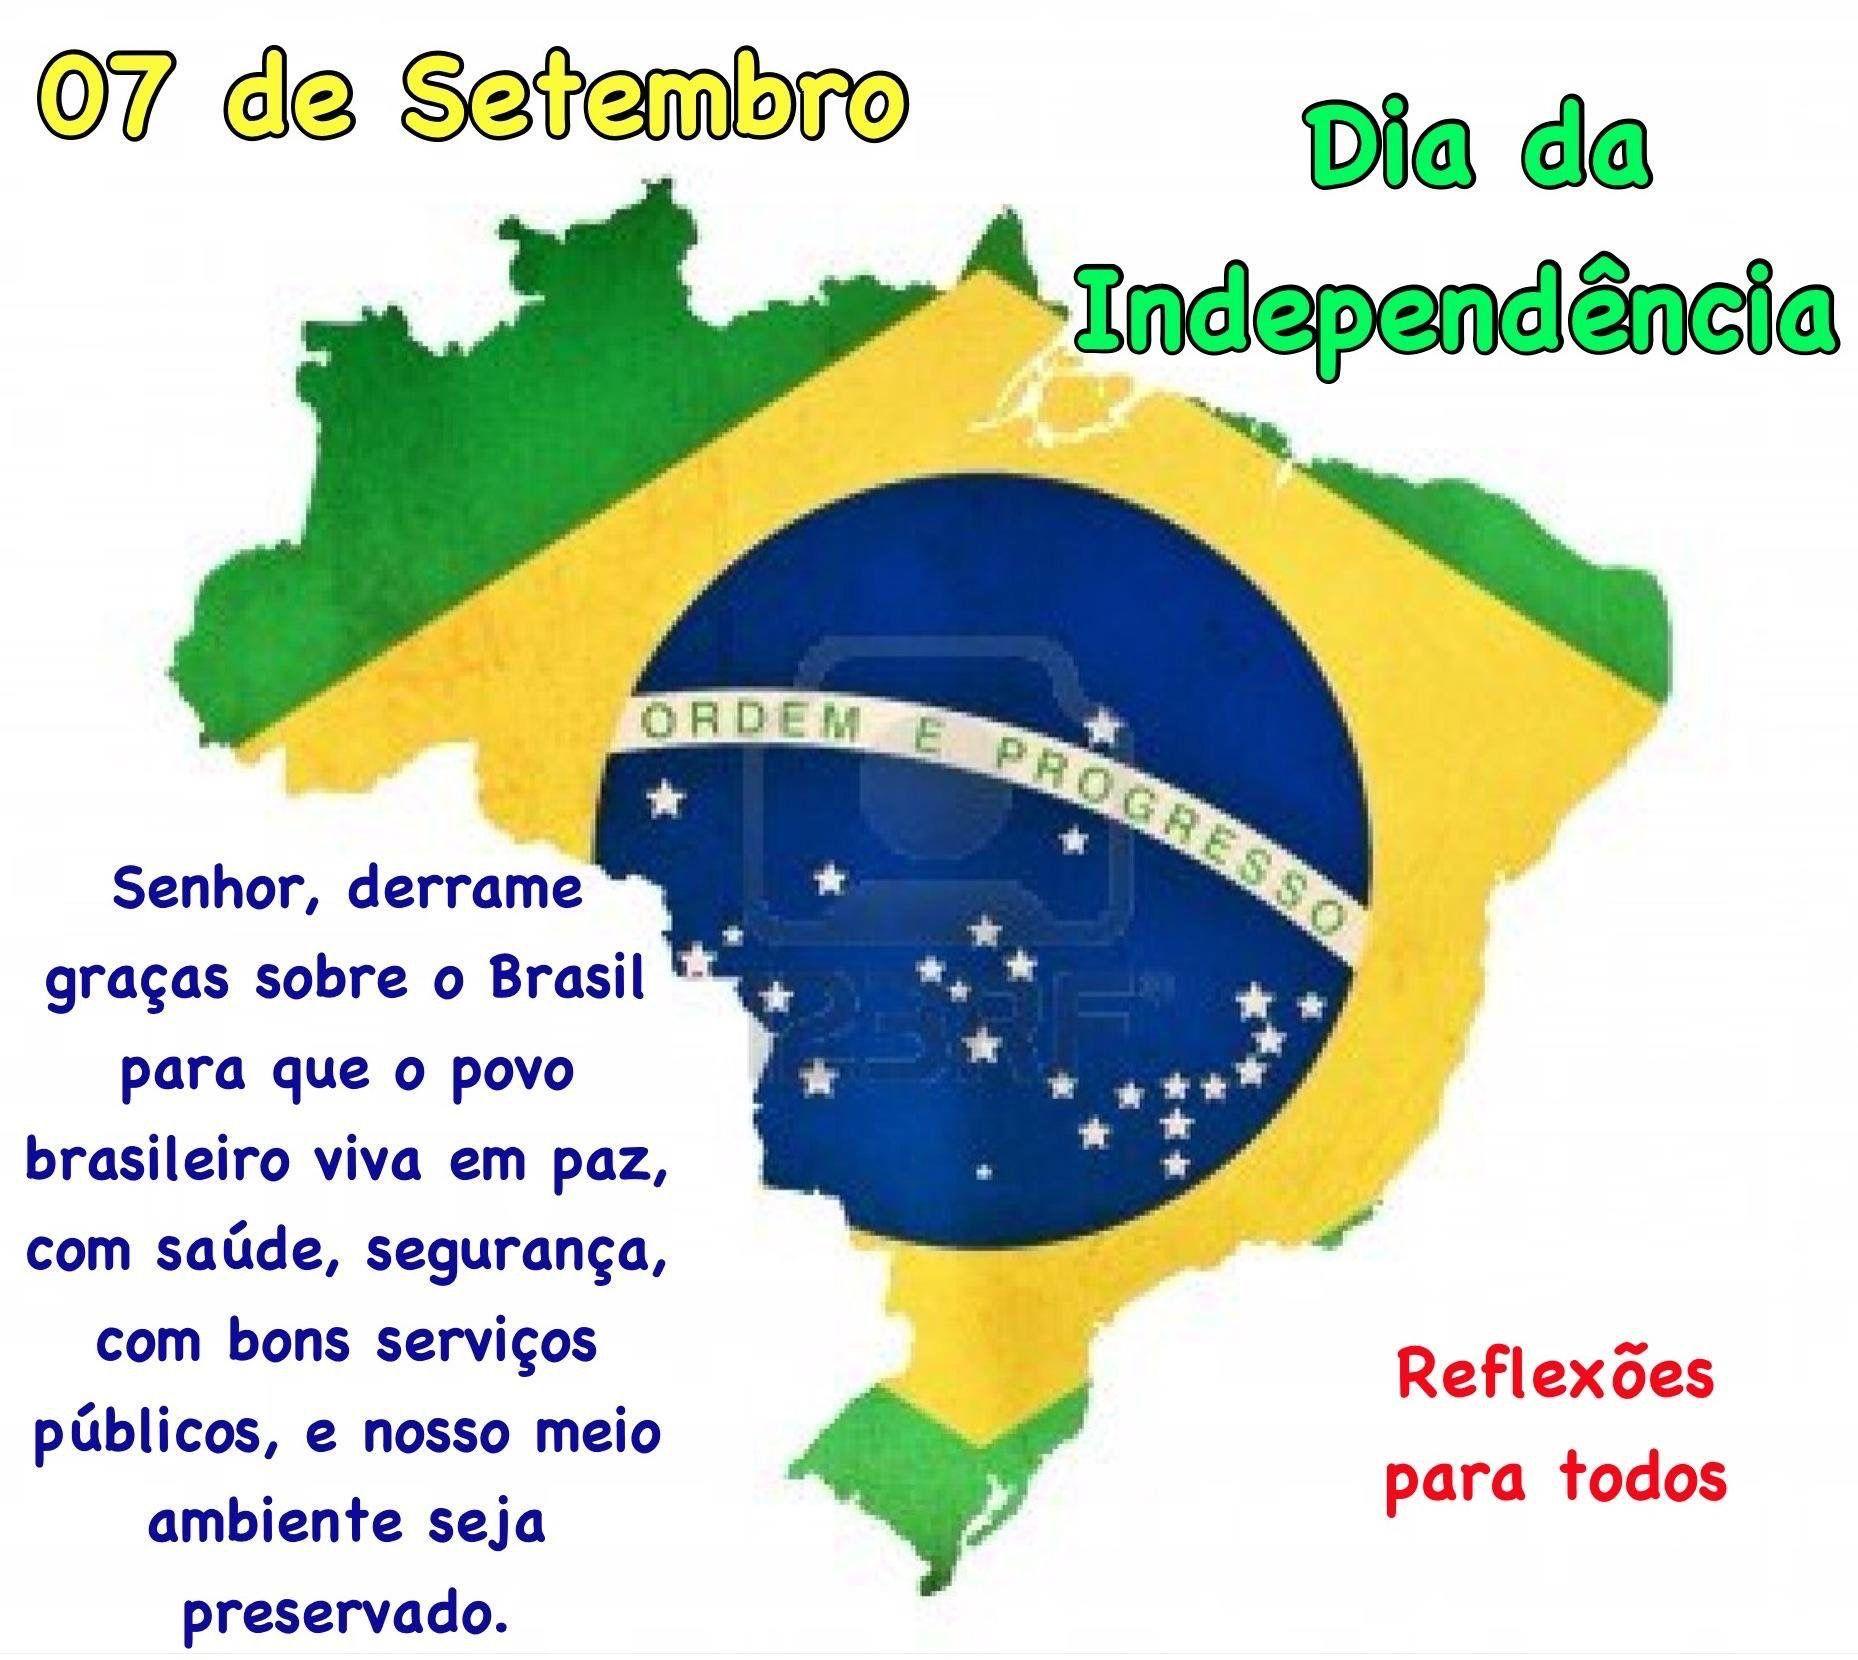 07 de setembro - Dia da Independência do Brasil Acesse a história da Independência do Brasil.